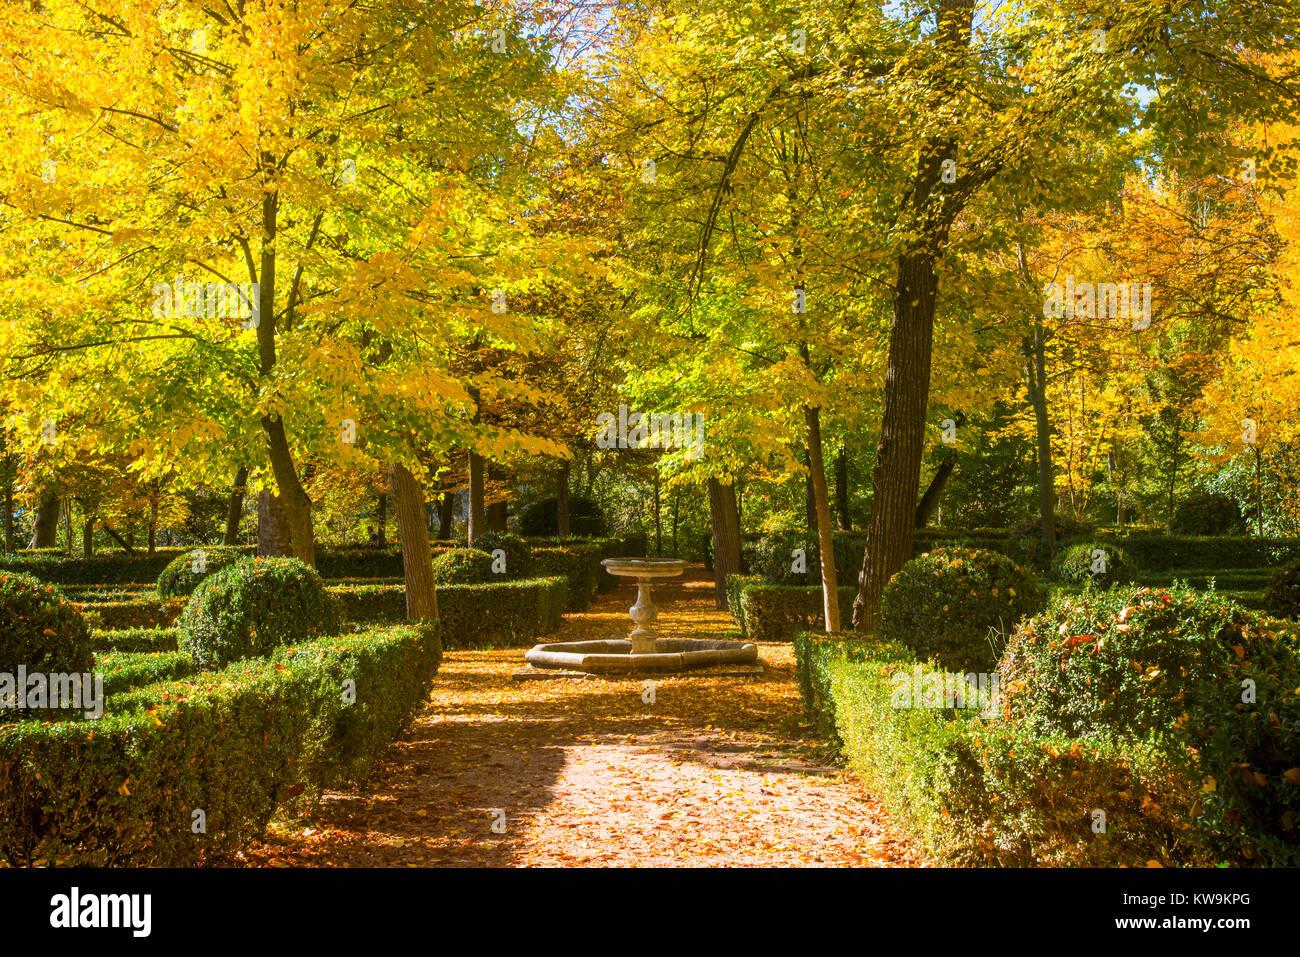 La isla jardines en oto o provincia de aranjuez madrid for Jardines en otono